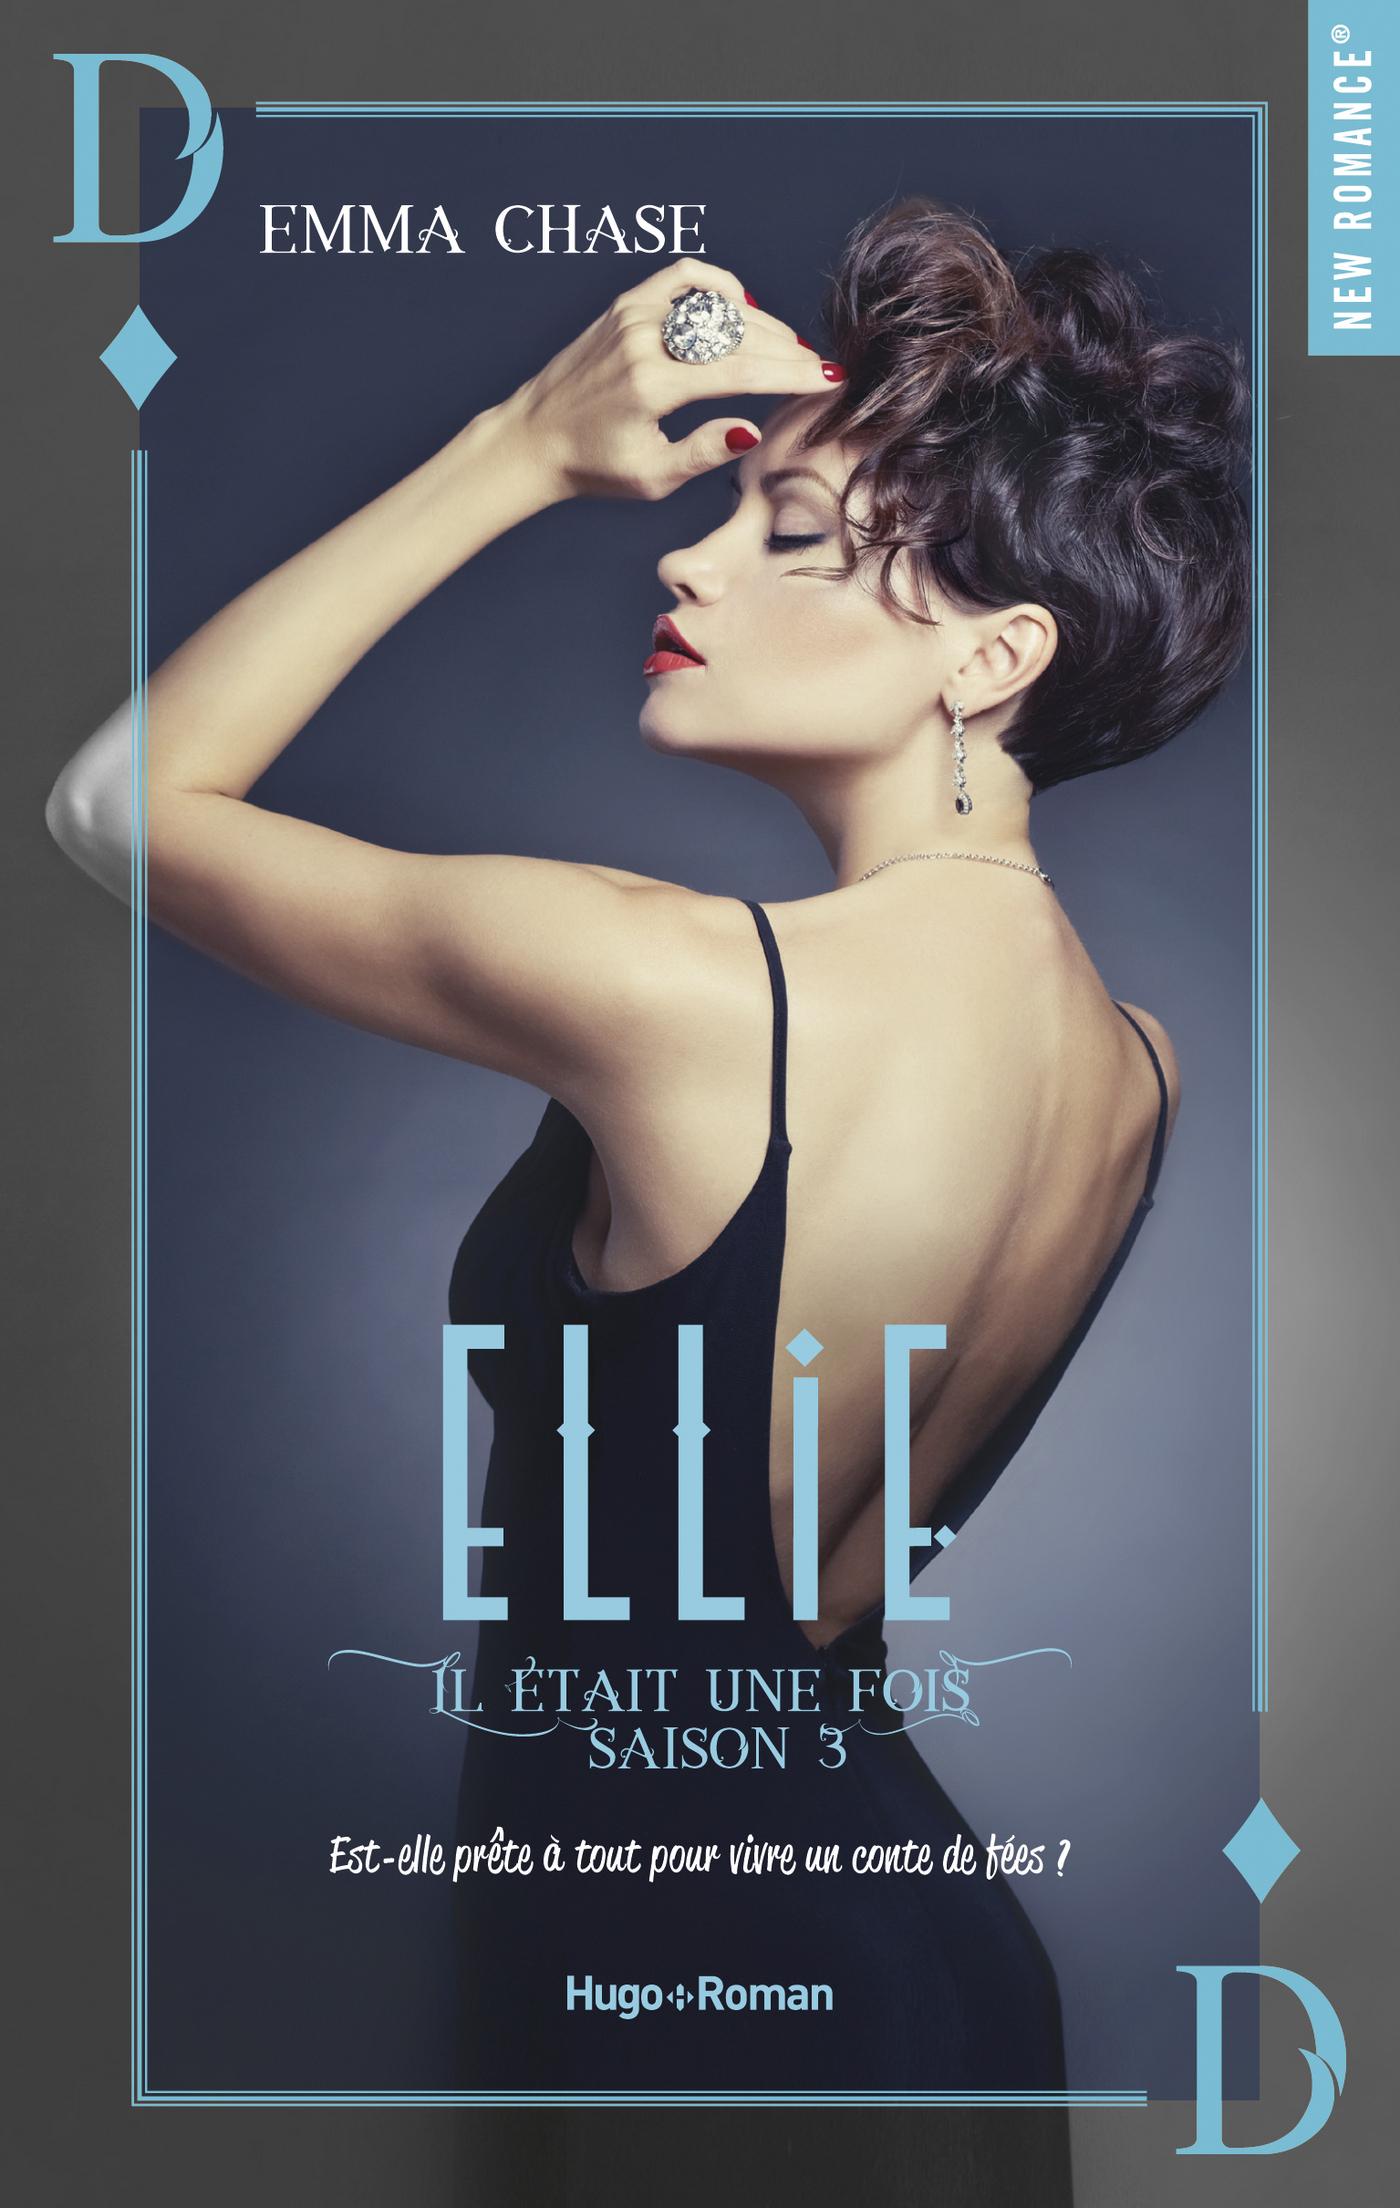 Il était une fois Ellie -Extrait offert- Saison 3